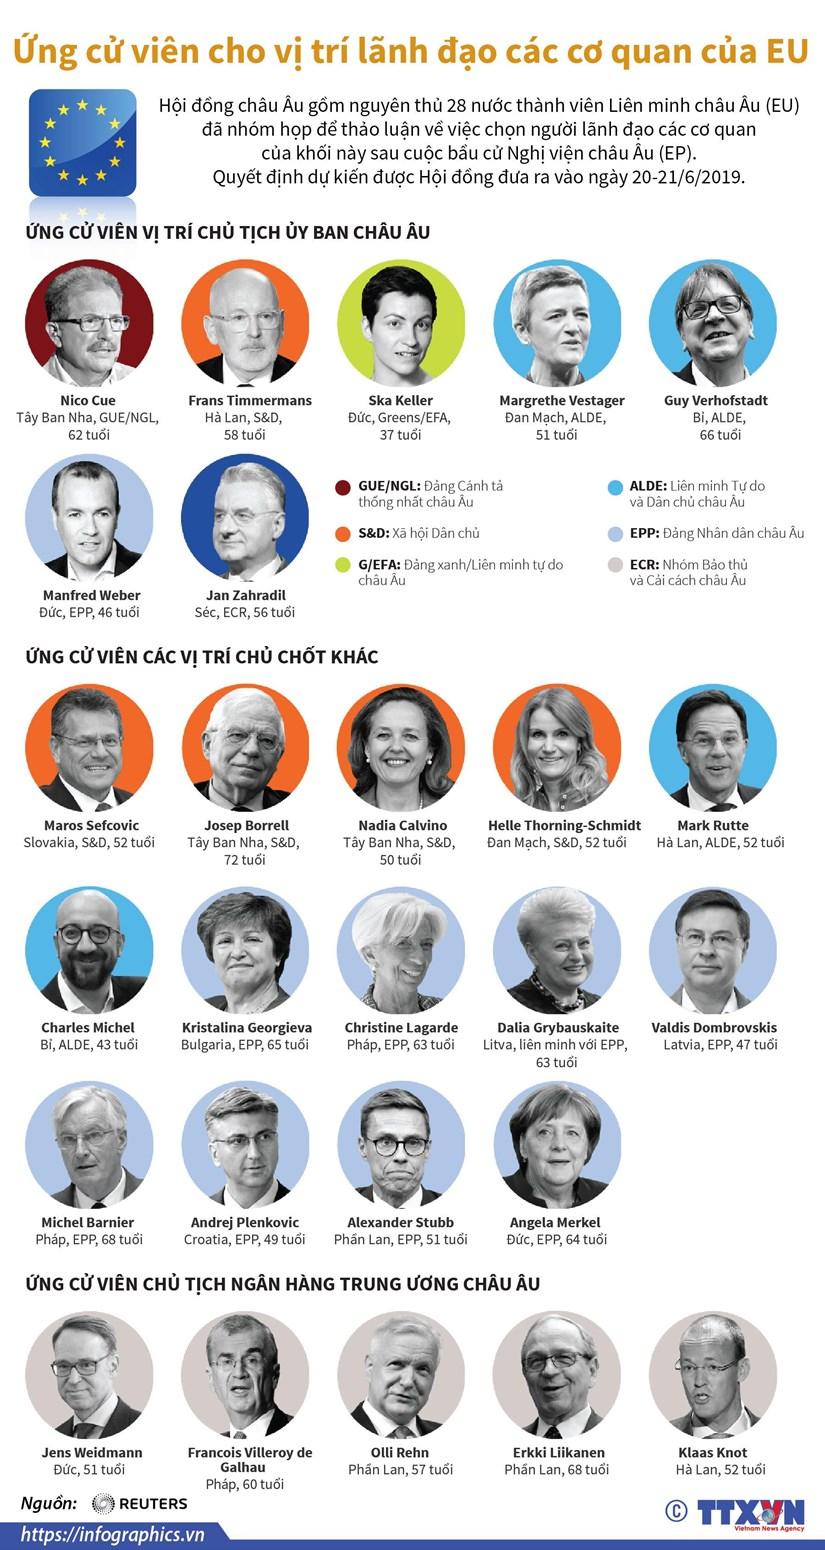 [Infographics] Ung cu vien cho vi tri lanh dao cac co quan cua EU hinh anh 1